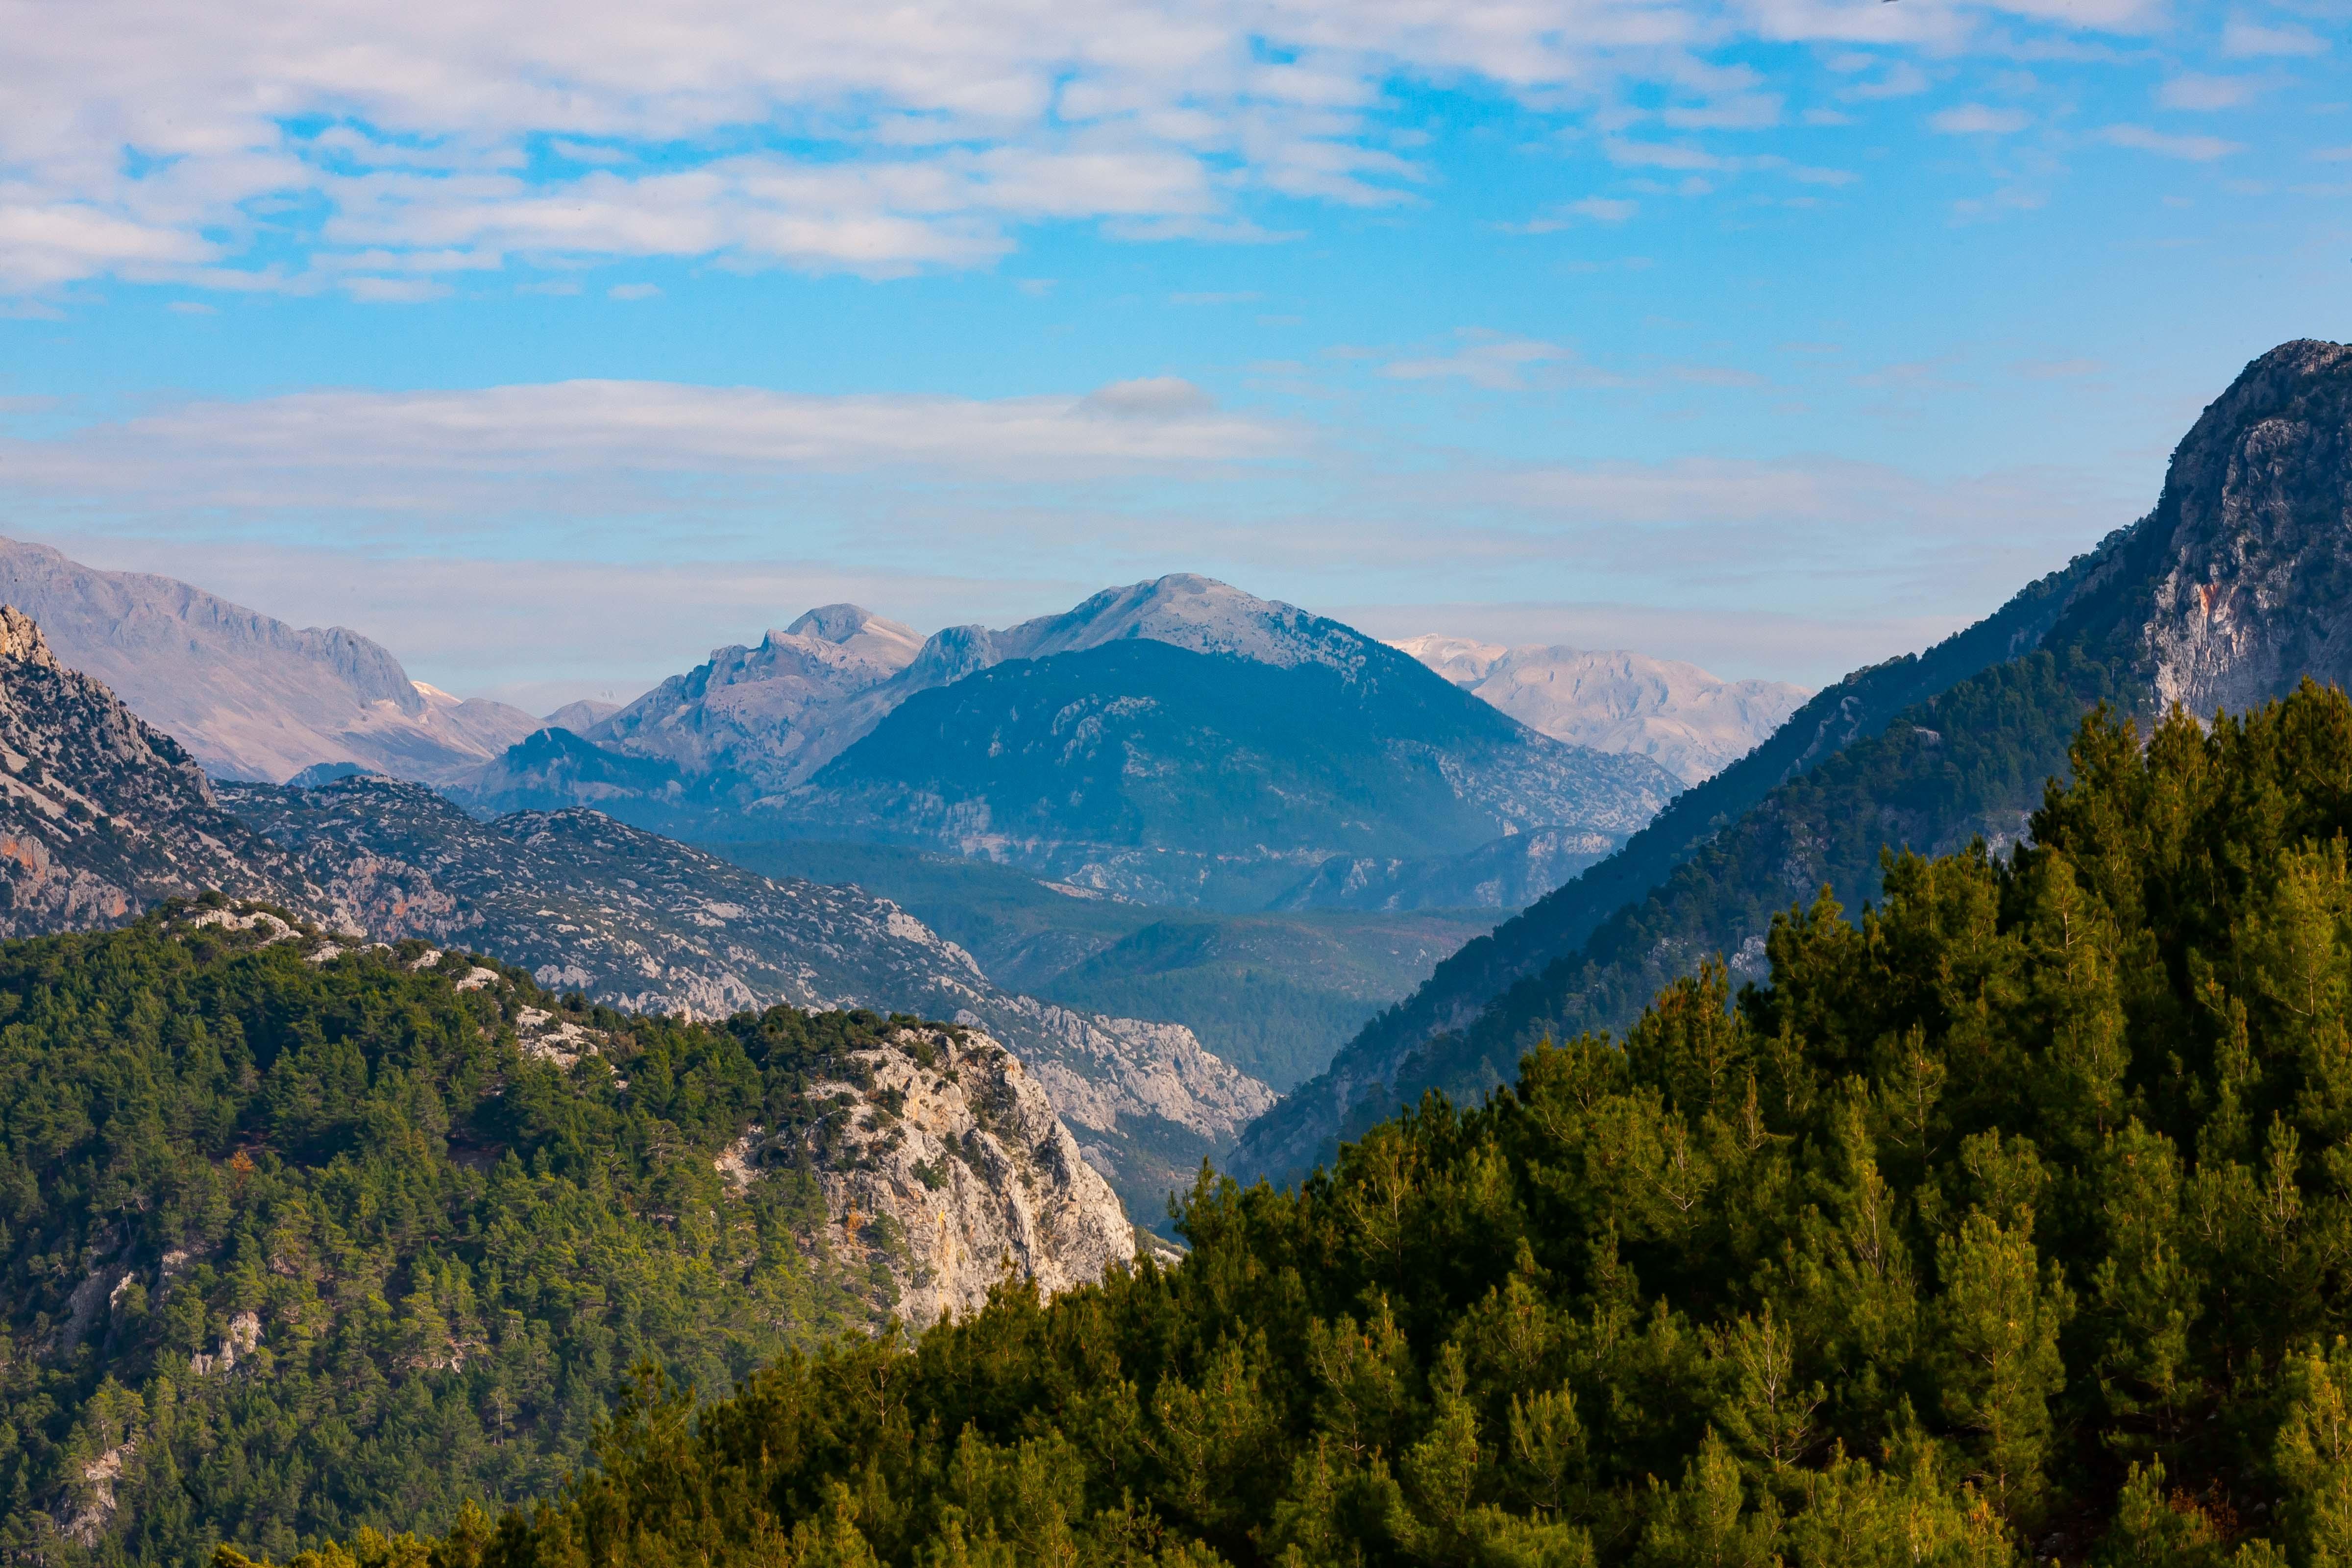 Turkey, Antalya Prov, Mountain Scene, 2009, IMG 1030